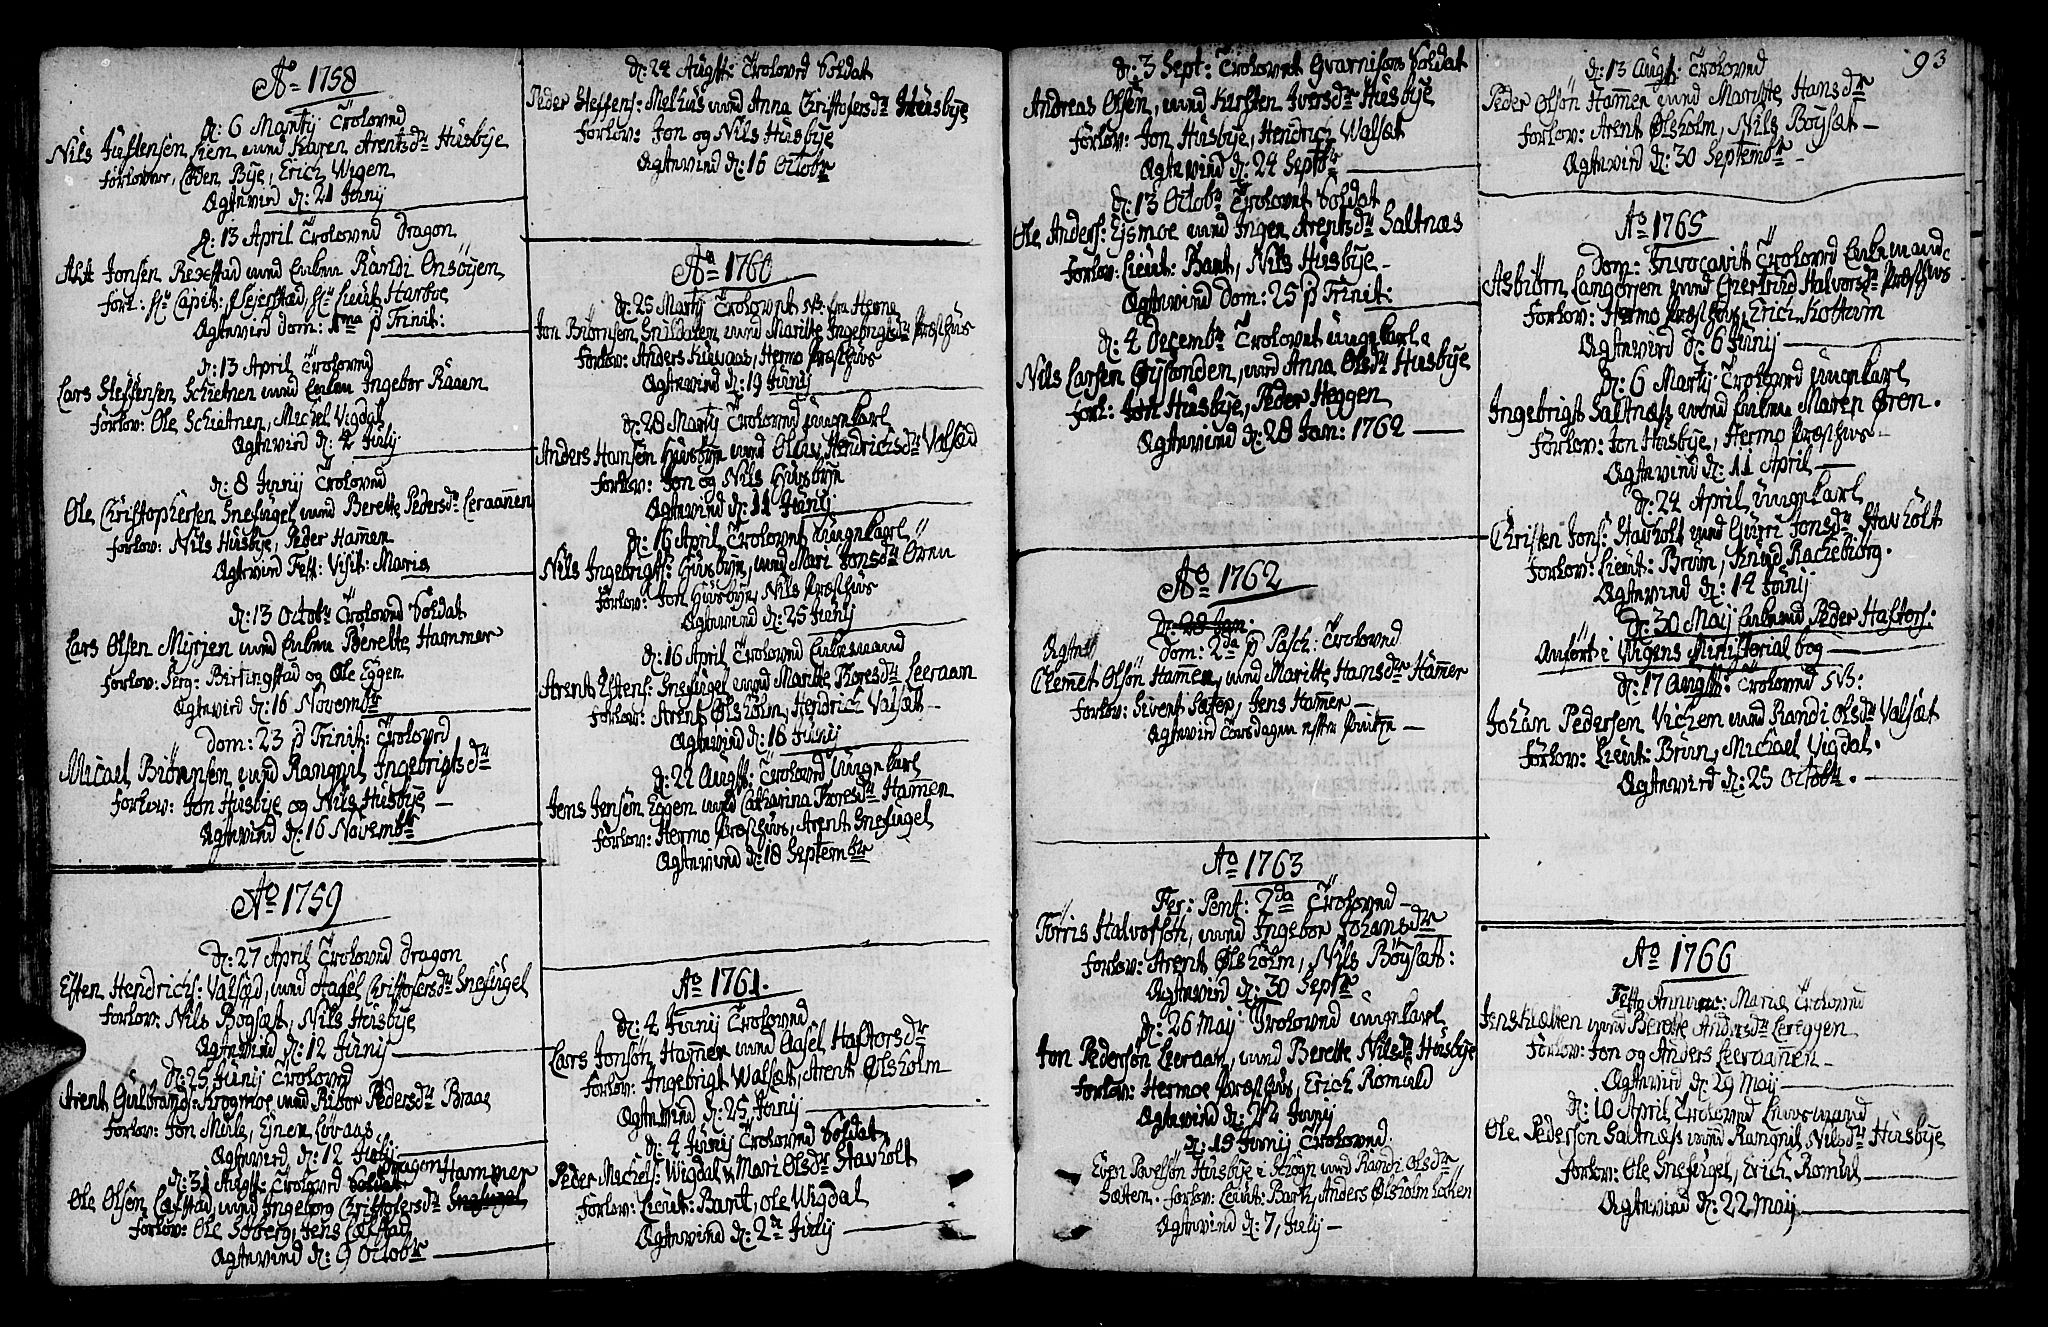 SAT, Ministerialprotokoller, klokkerbøker og fødselsregistre - Sør-Trøndelag, 666/L0784: Ministerialbok nr. 666A02, 1754-1802, s. 93